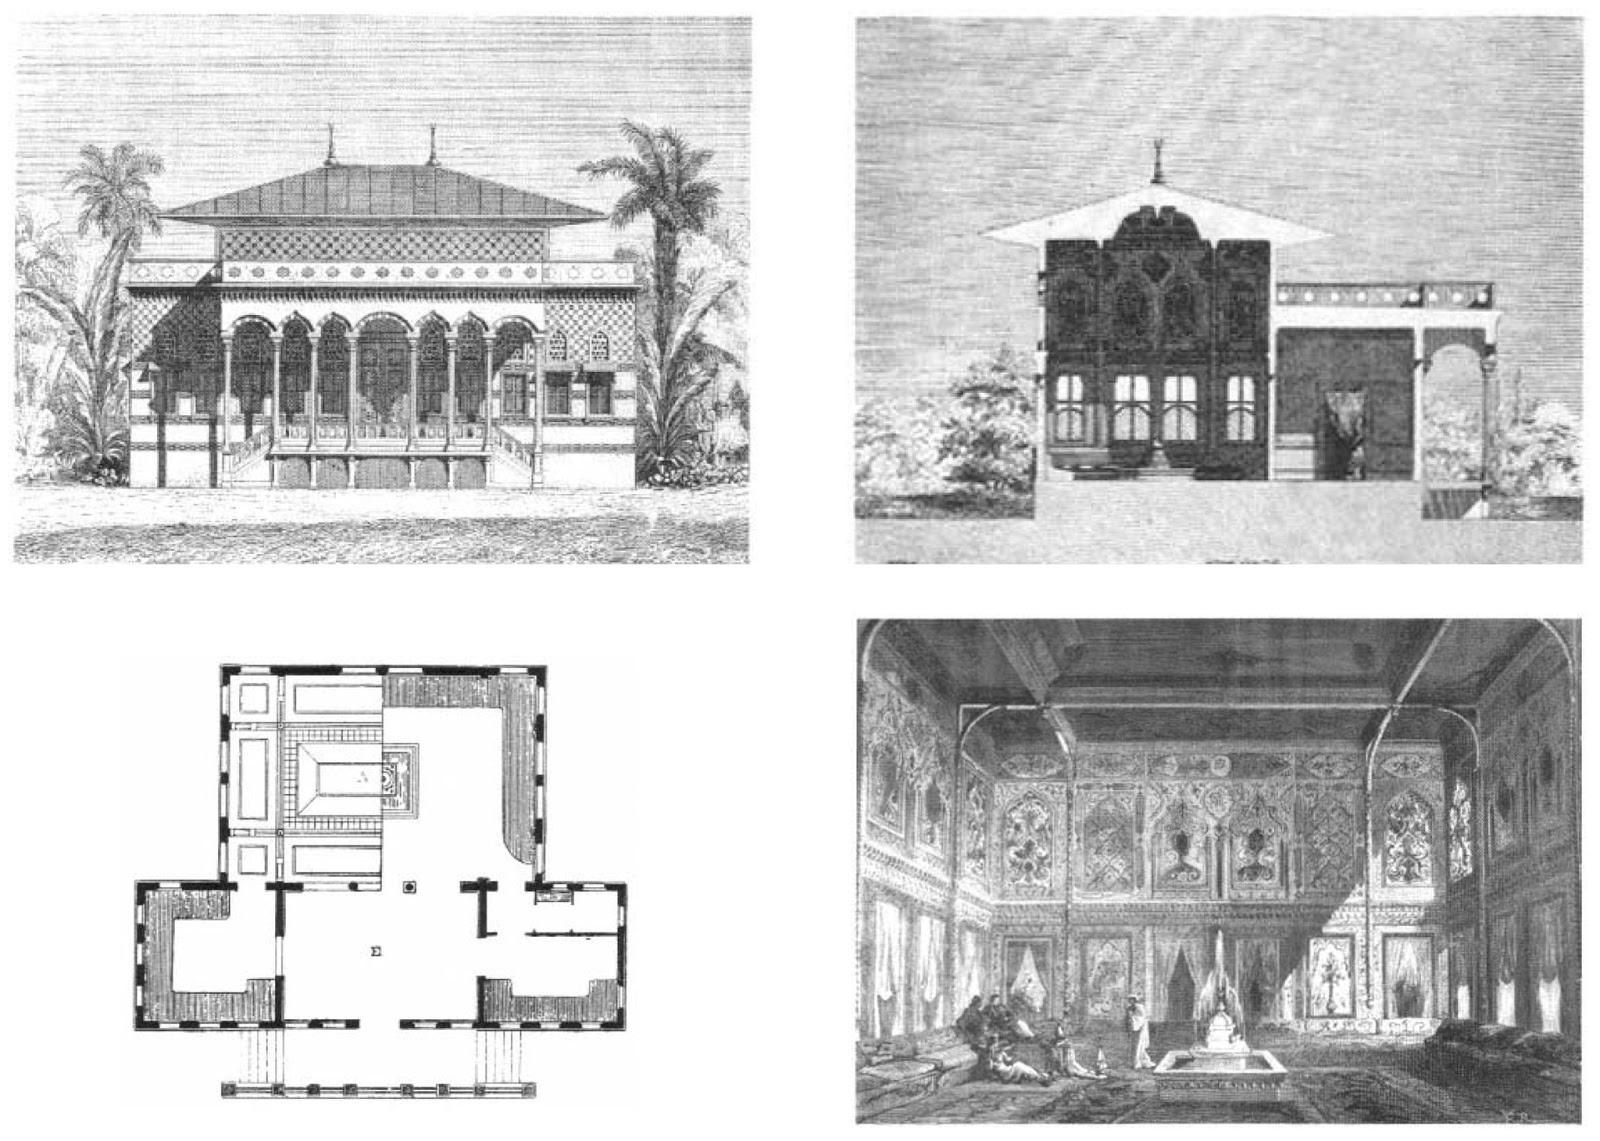 1867 Paris Bosphore Pavillion Boğaziçi Köşkü Plan Kesit Cephe Ve İç Dekorasyon